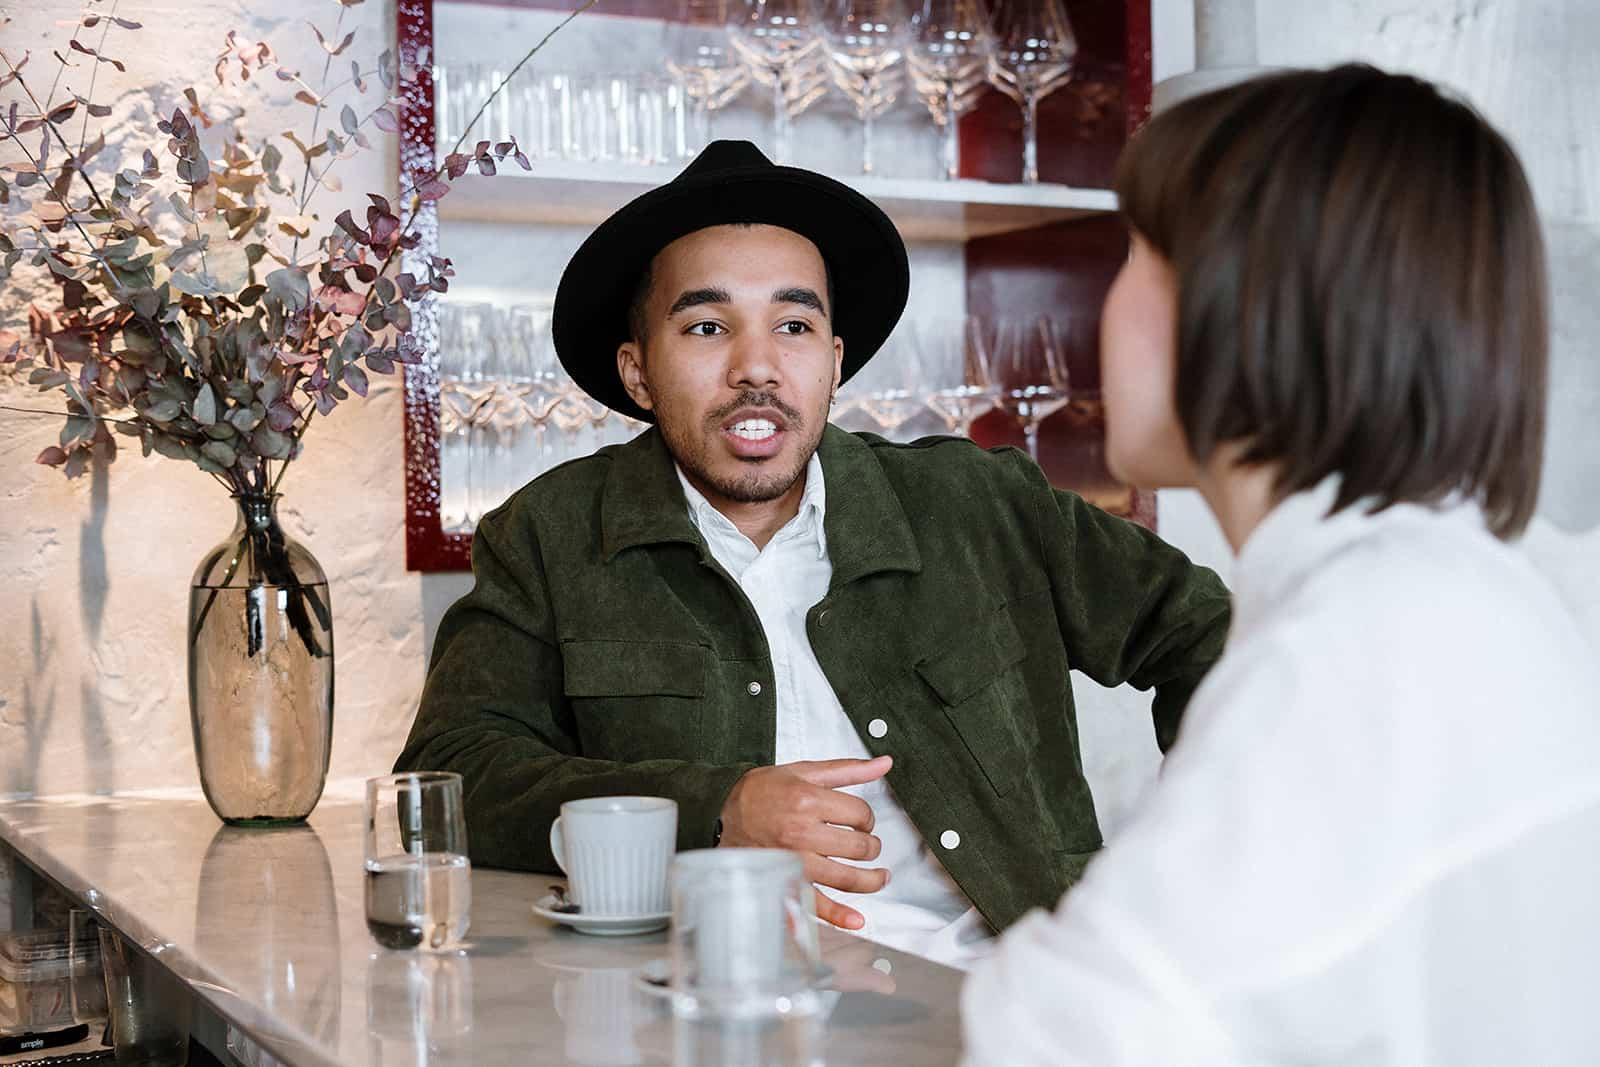 Ein Mann, der während eines Dates mit einer Frau an der Theke spricht